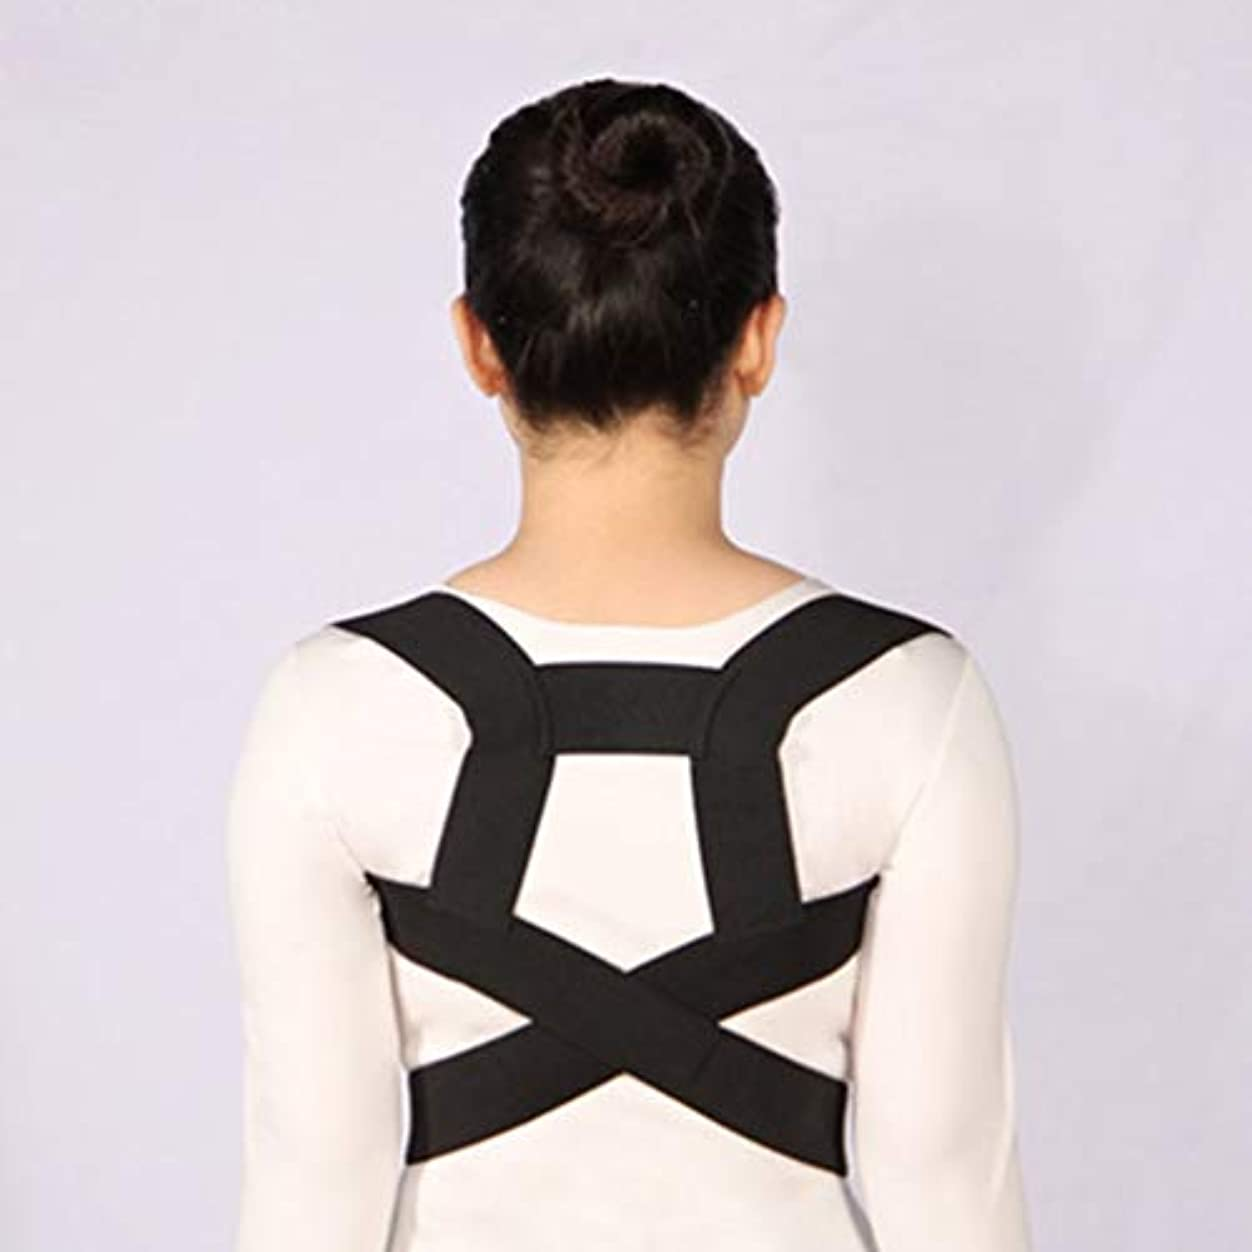 姿勢矯正側弯症ザトウクジラ補正ベルト調節可能な快適さ目に見えないベルト男性女性大人シンプル - 黒